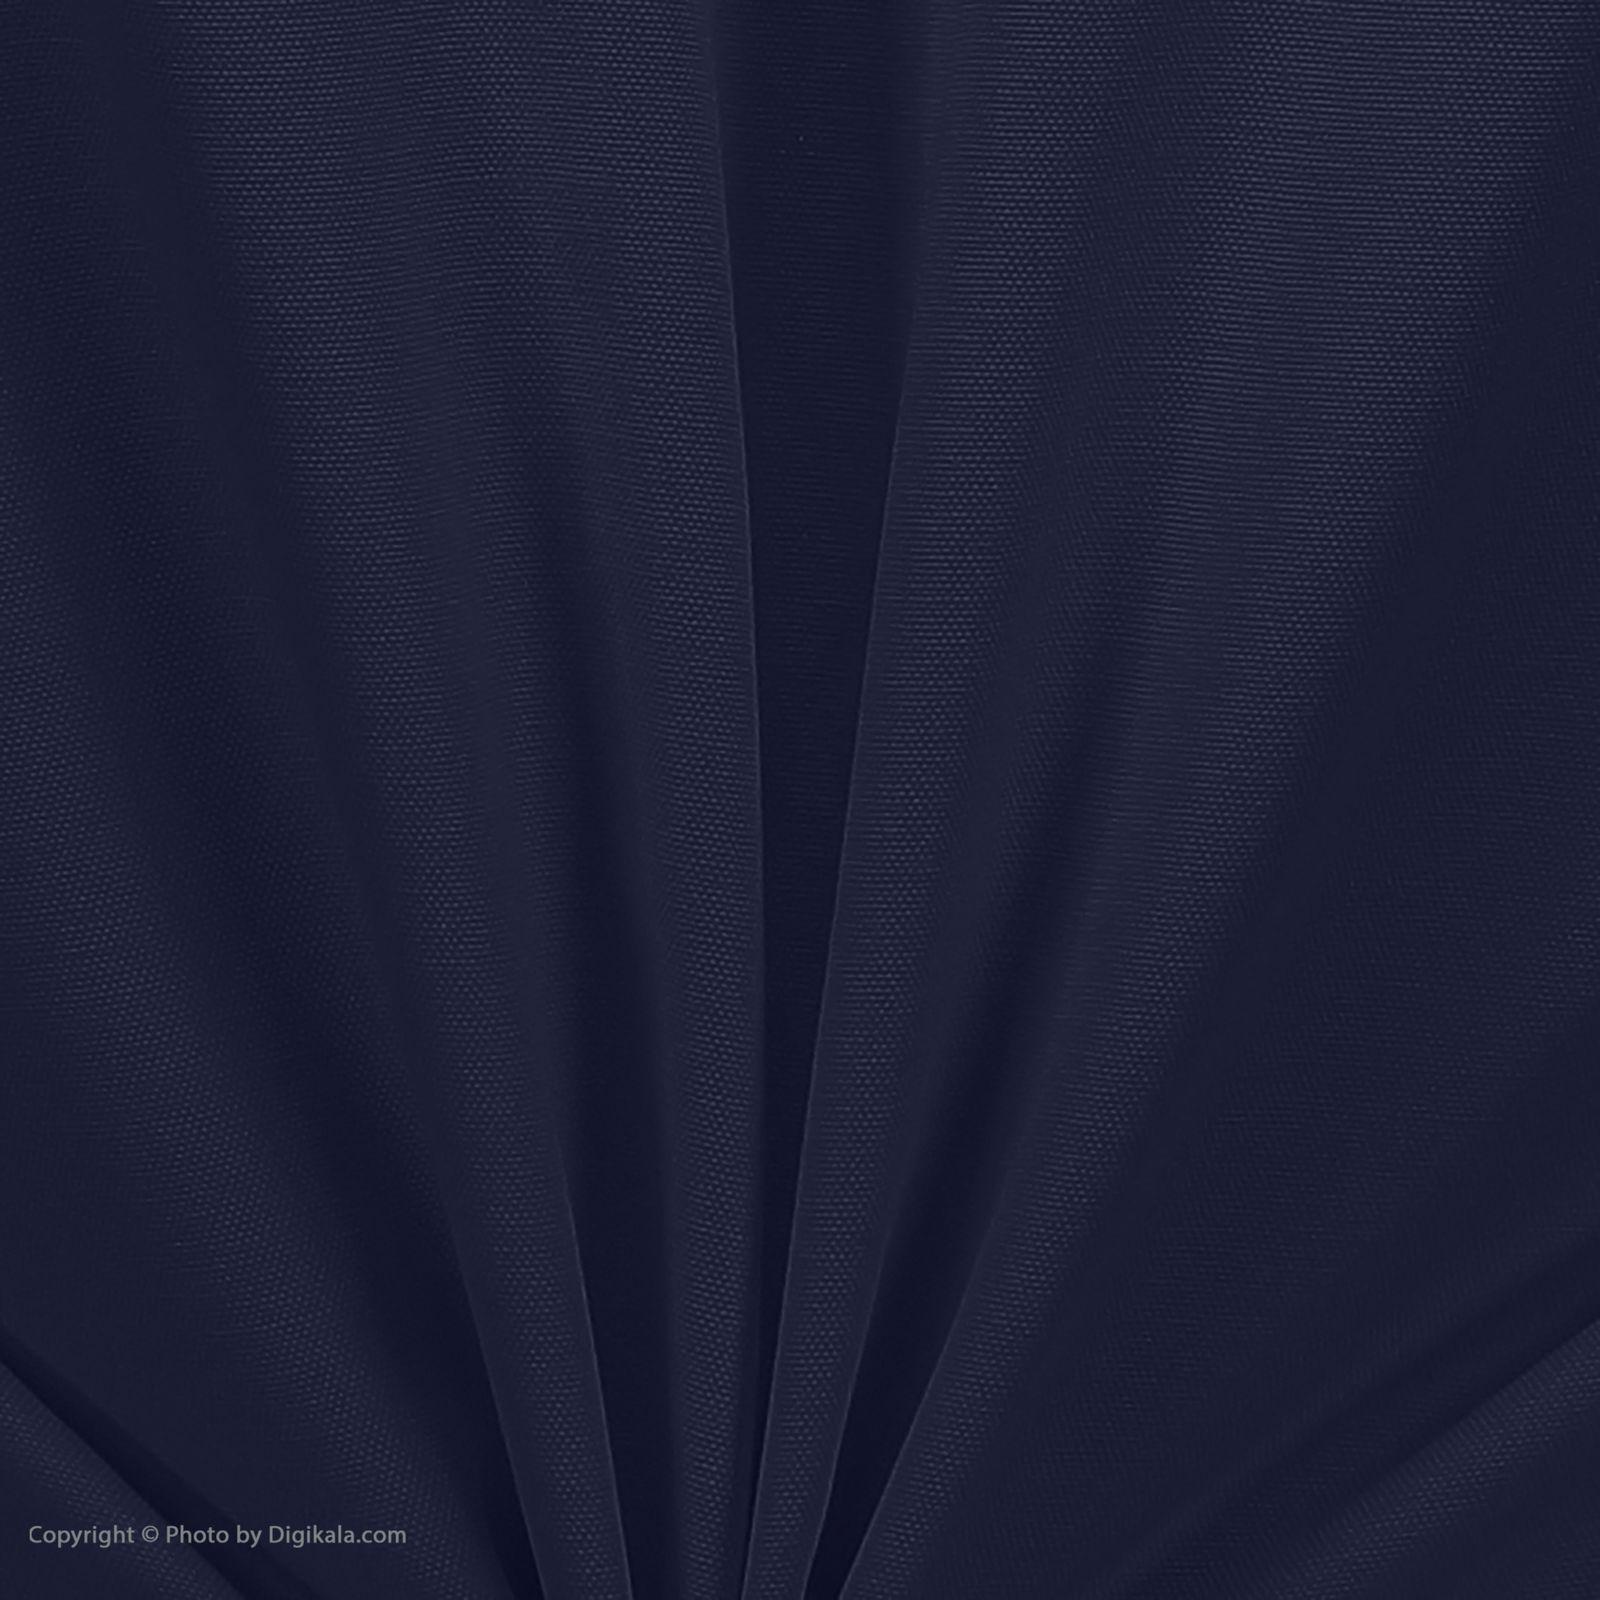 پیراهن مردانه زی مدل 153119759 -  - 4